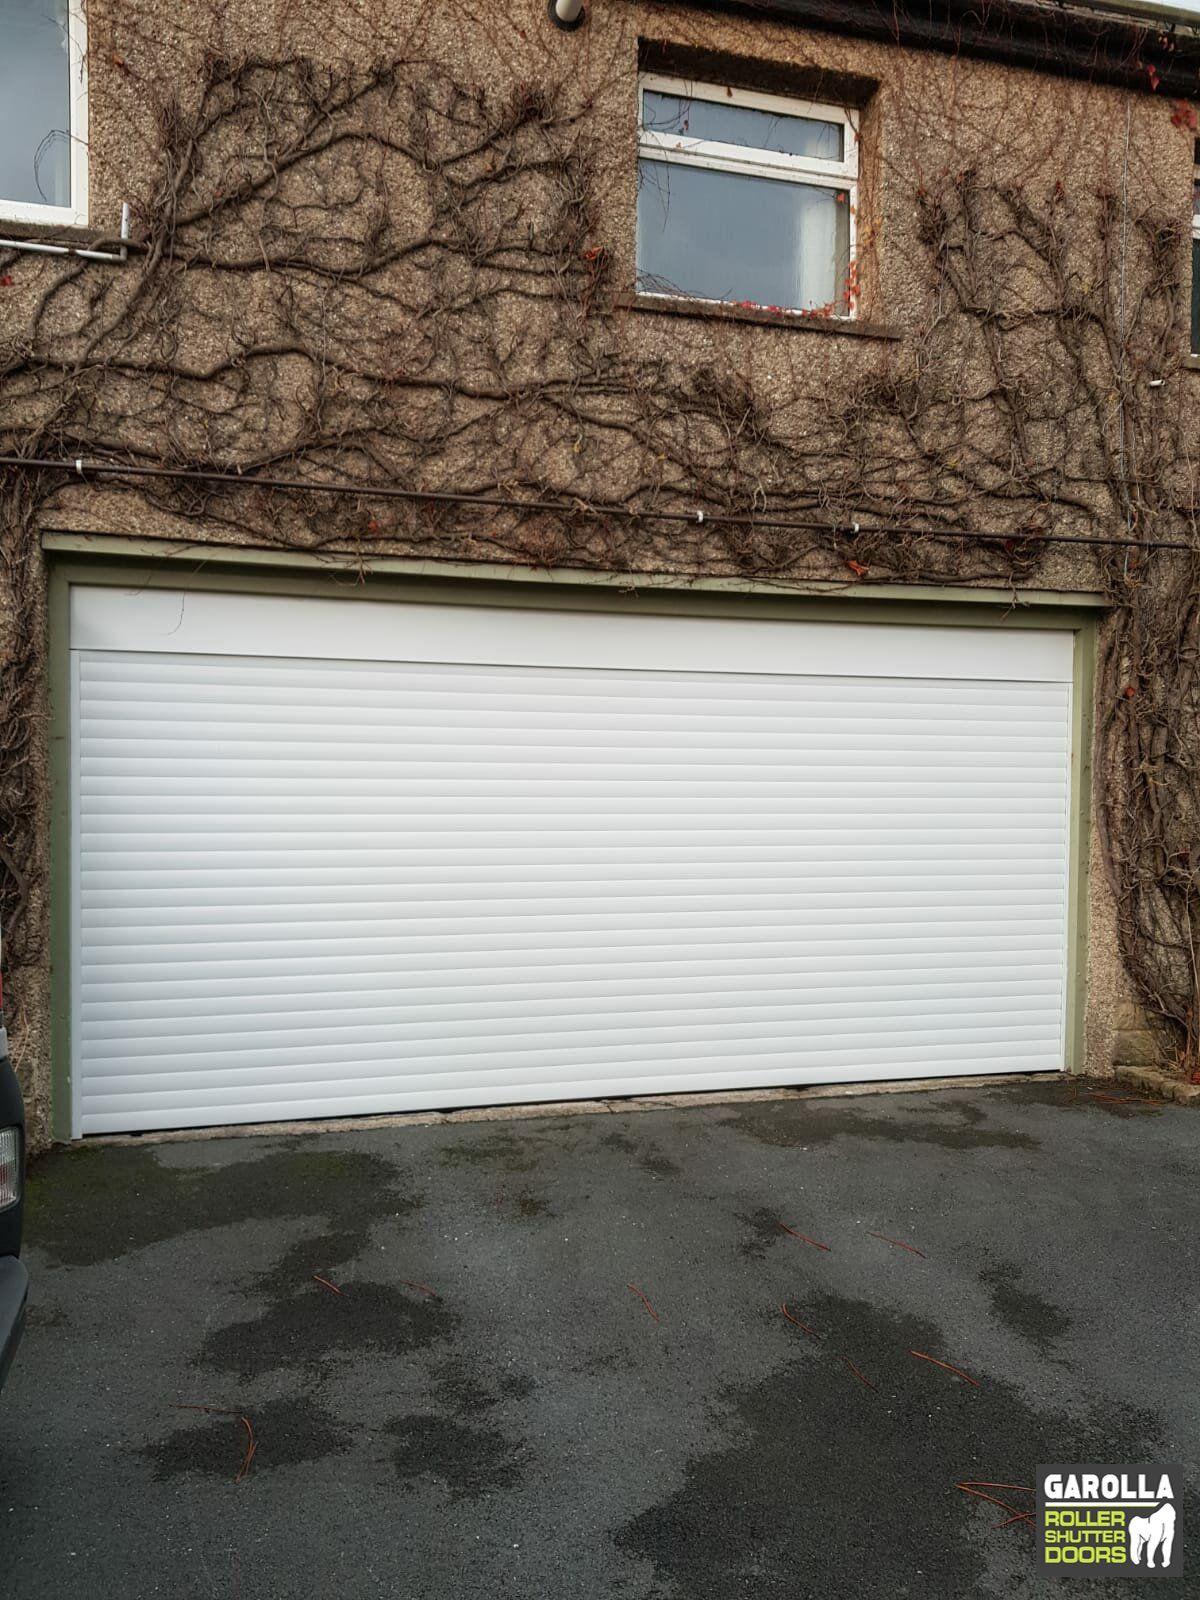 Electric Garage Door In Blueelectric Garage Door In Blue Blue Door Electric Garage Singlegaragedoorwide In 2020 Garage Doors Overhead Garage Door Garage Door Design